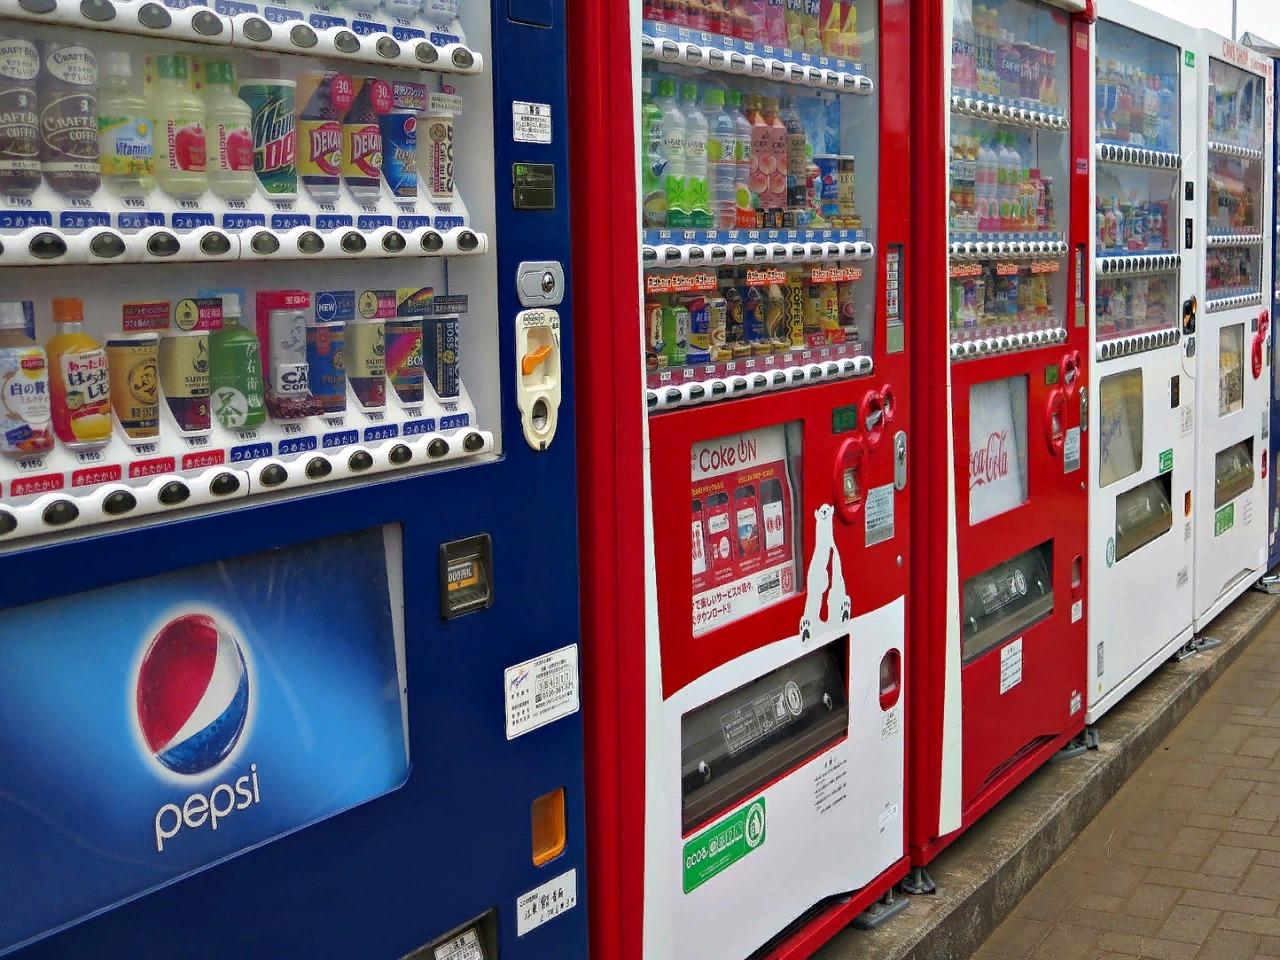 Вендинговые автоматы в Японии повсюду, даже в кафе на горных склонах.